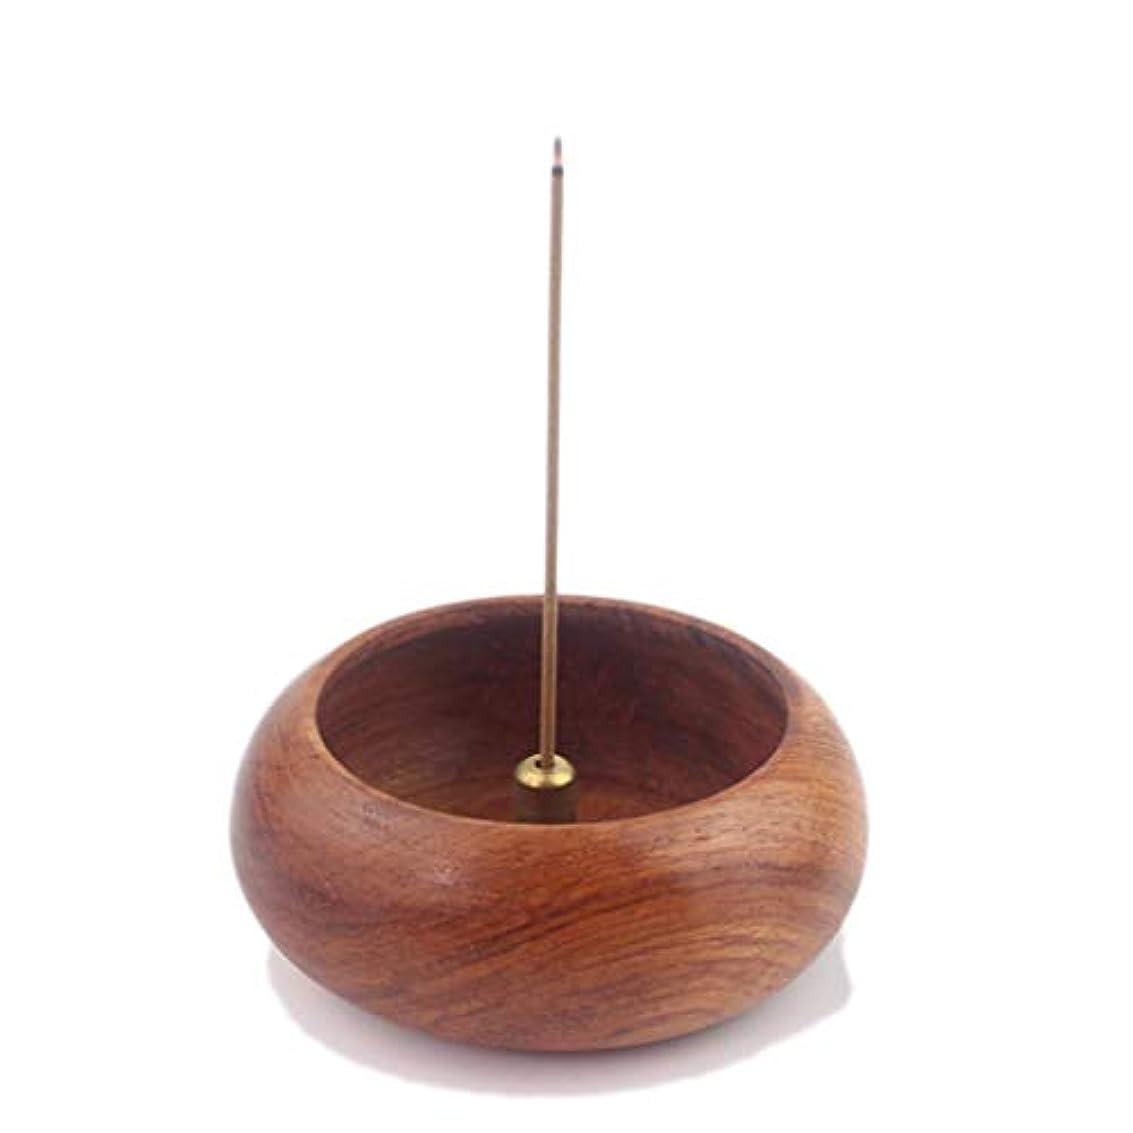 ベリ感情そのようなローズウッドボウル型香炉ホルダーキャンドルアロマセラピー炉香ホルダーホームリビングルーム香バーナー装飾 (Color : Wood, サイズ : 6.2*2.4cm)